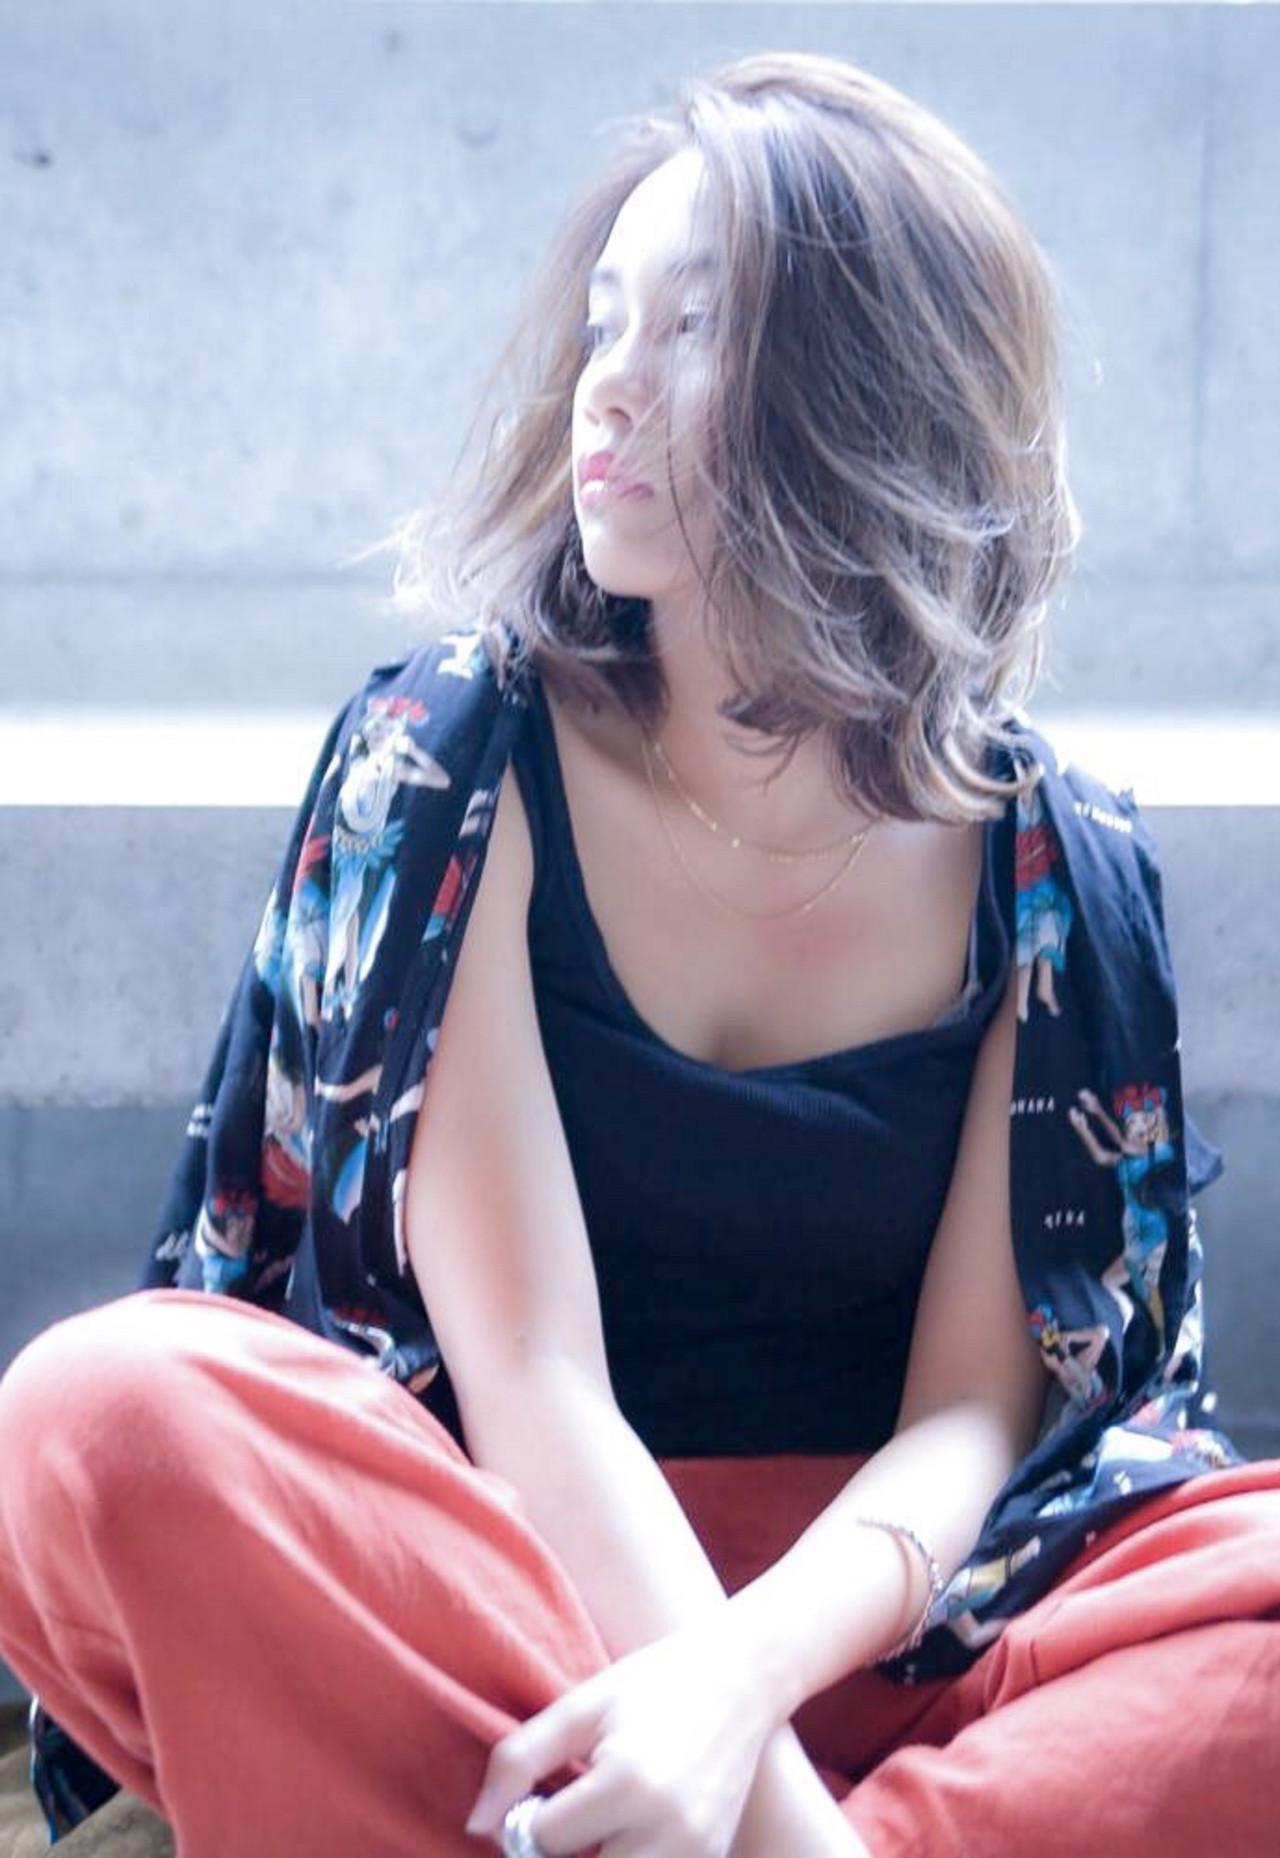 イルミナカラー 外国人風カラー ハイライト ミディアム ヘアスタイルや髪型の写真・画像 | 可愛いにはコツがある!ナチュラルizumi / Siena